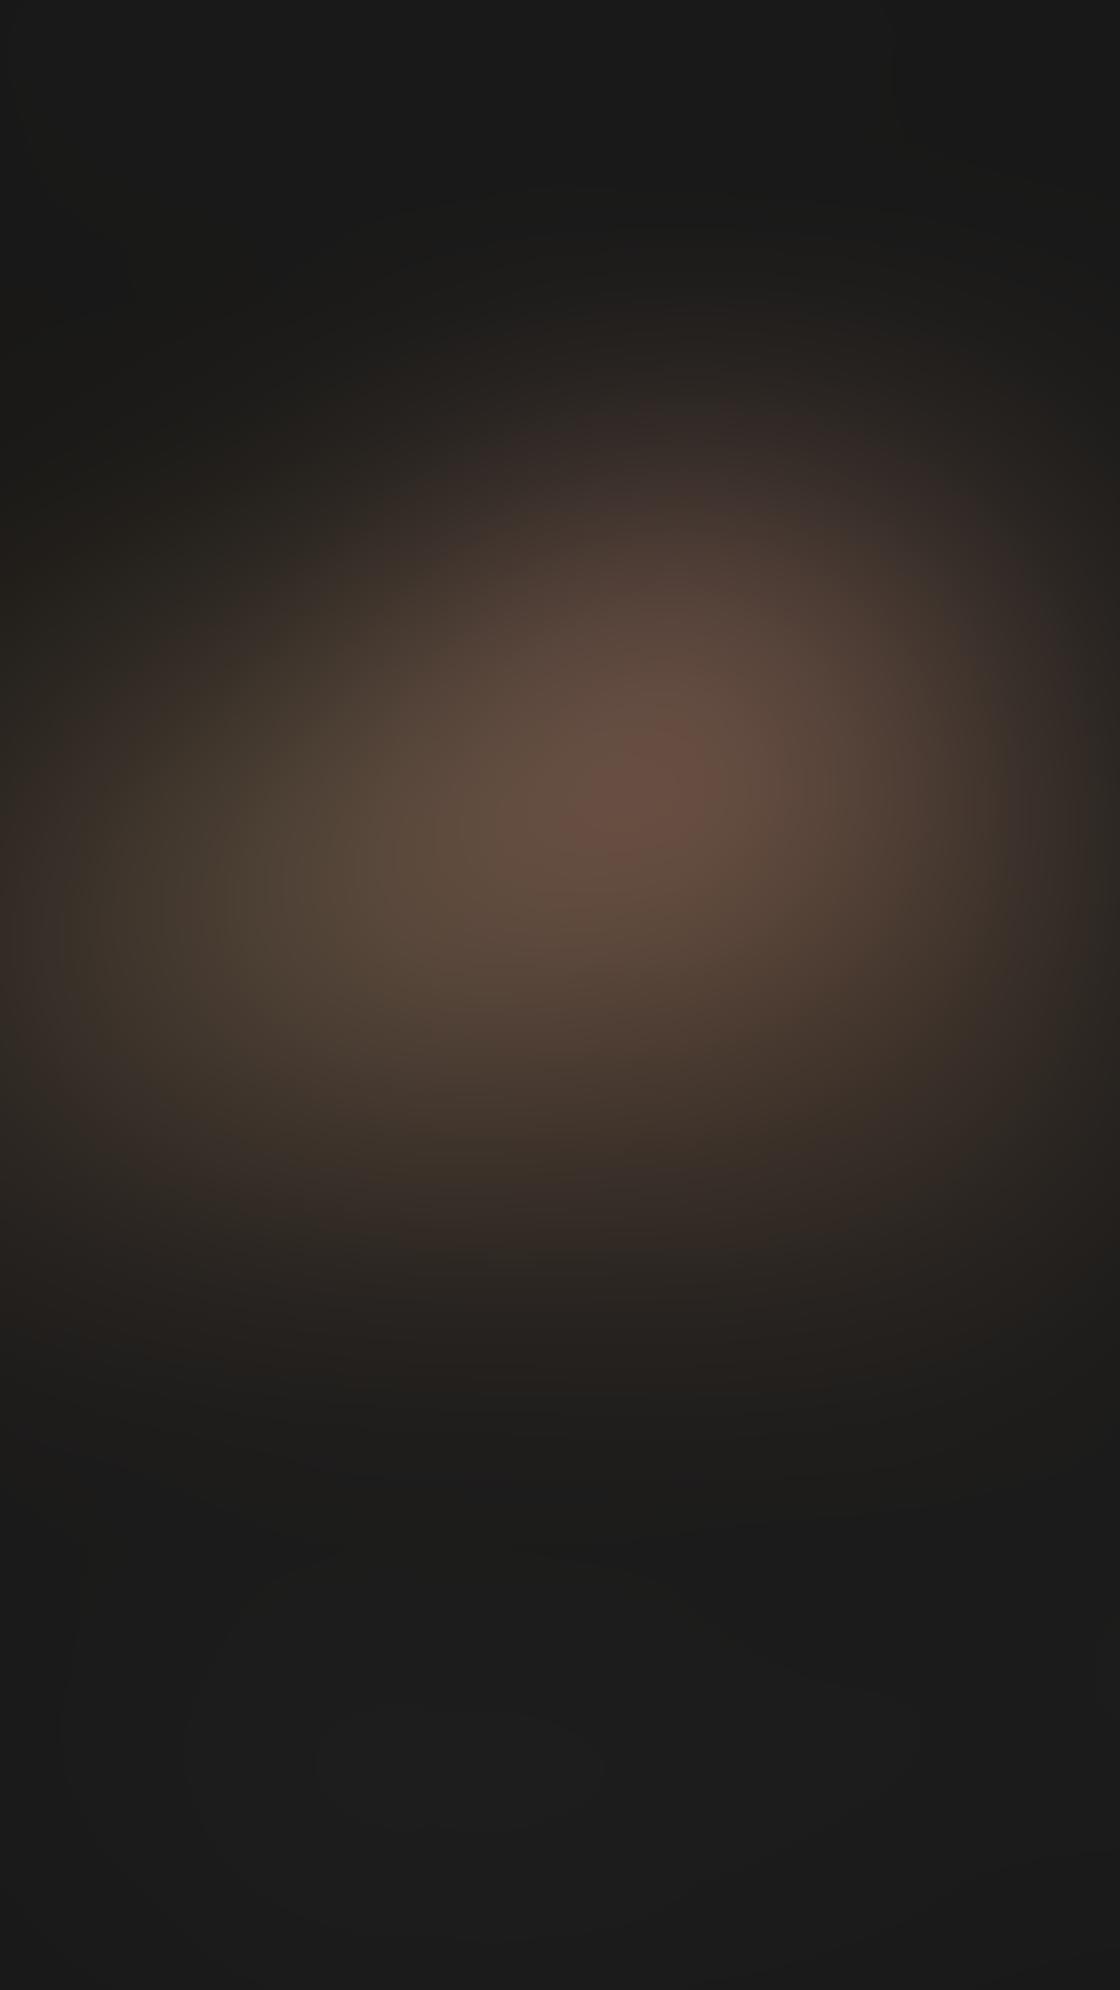 iPhone Lightroom App 9